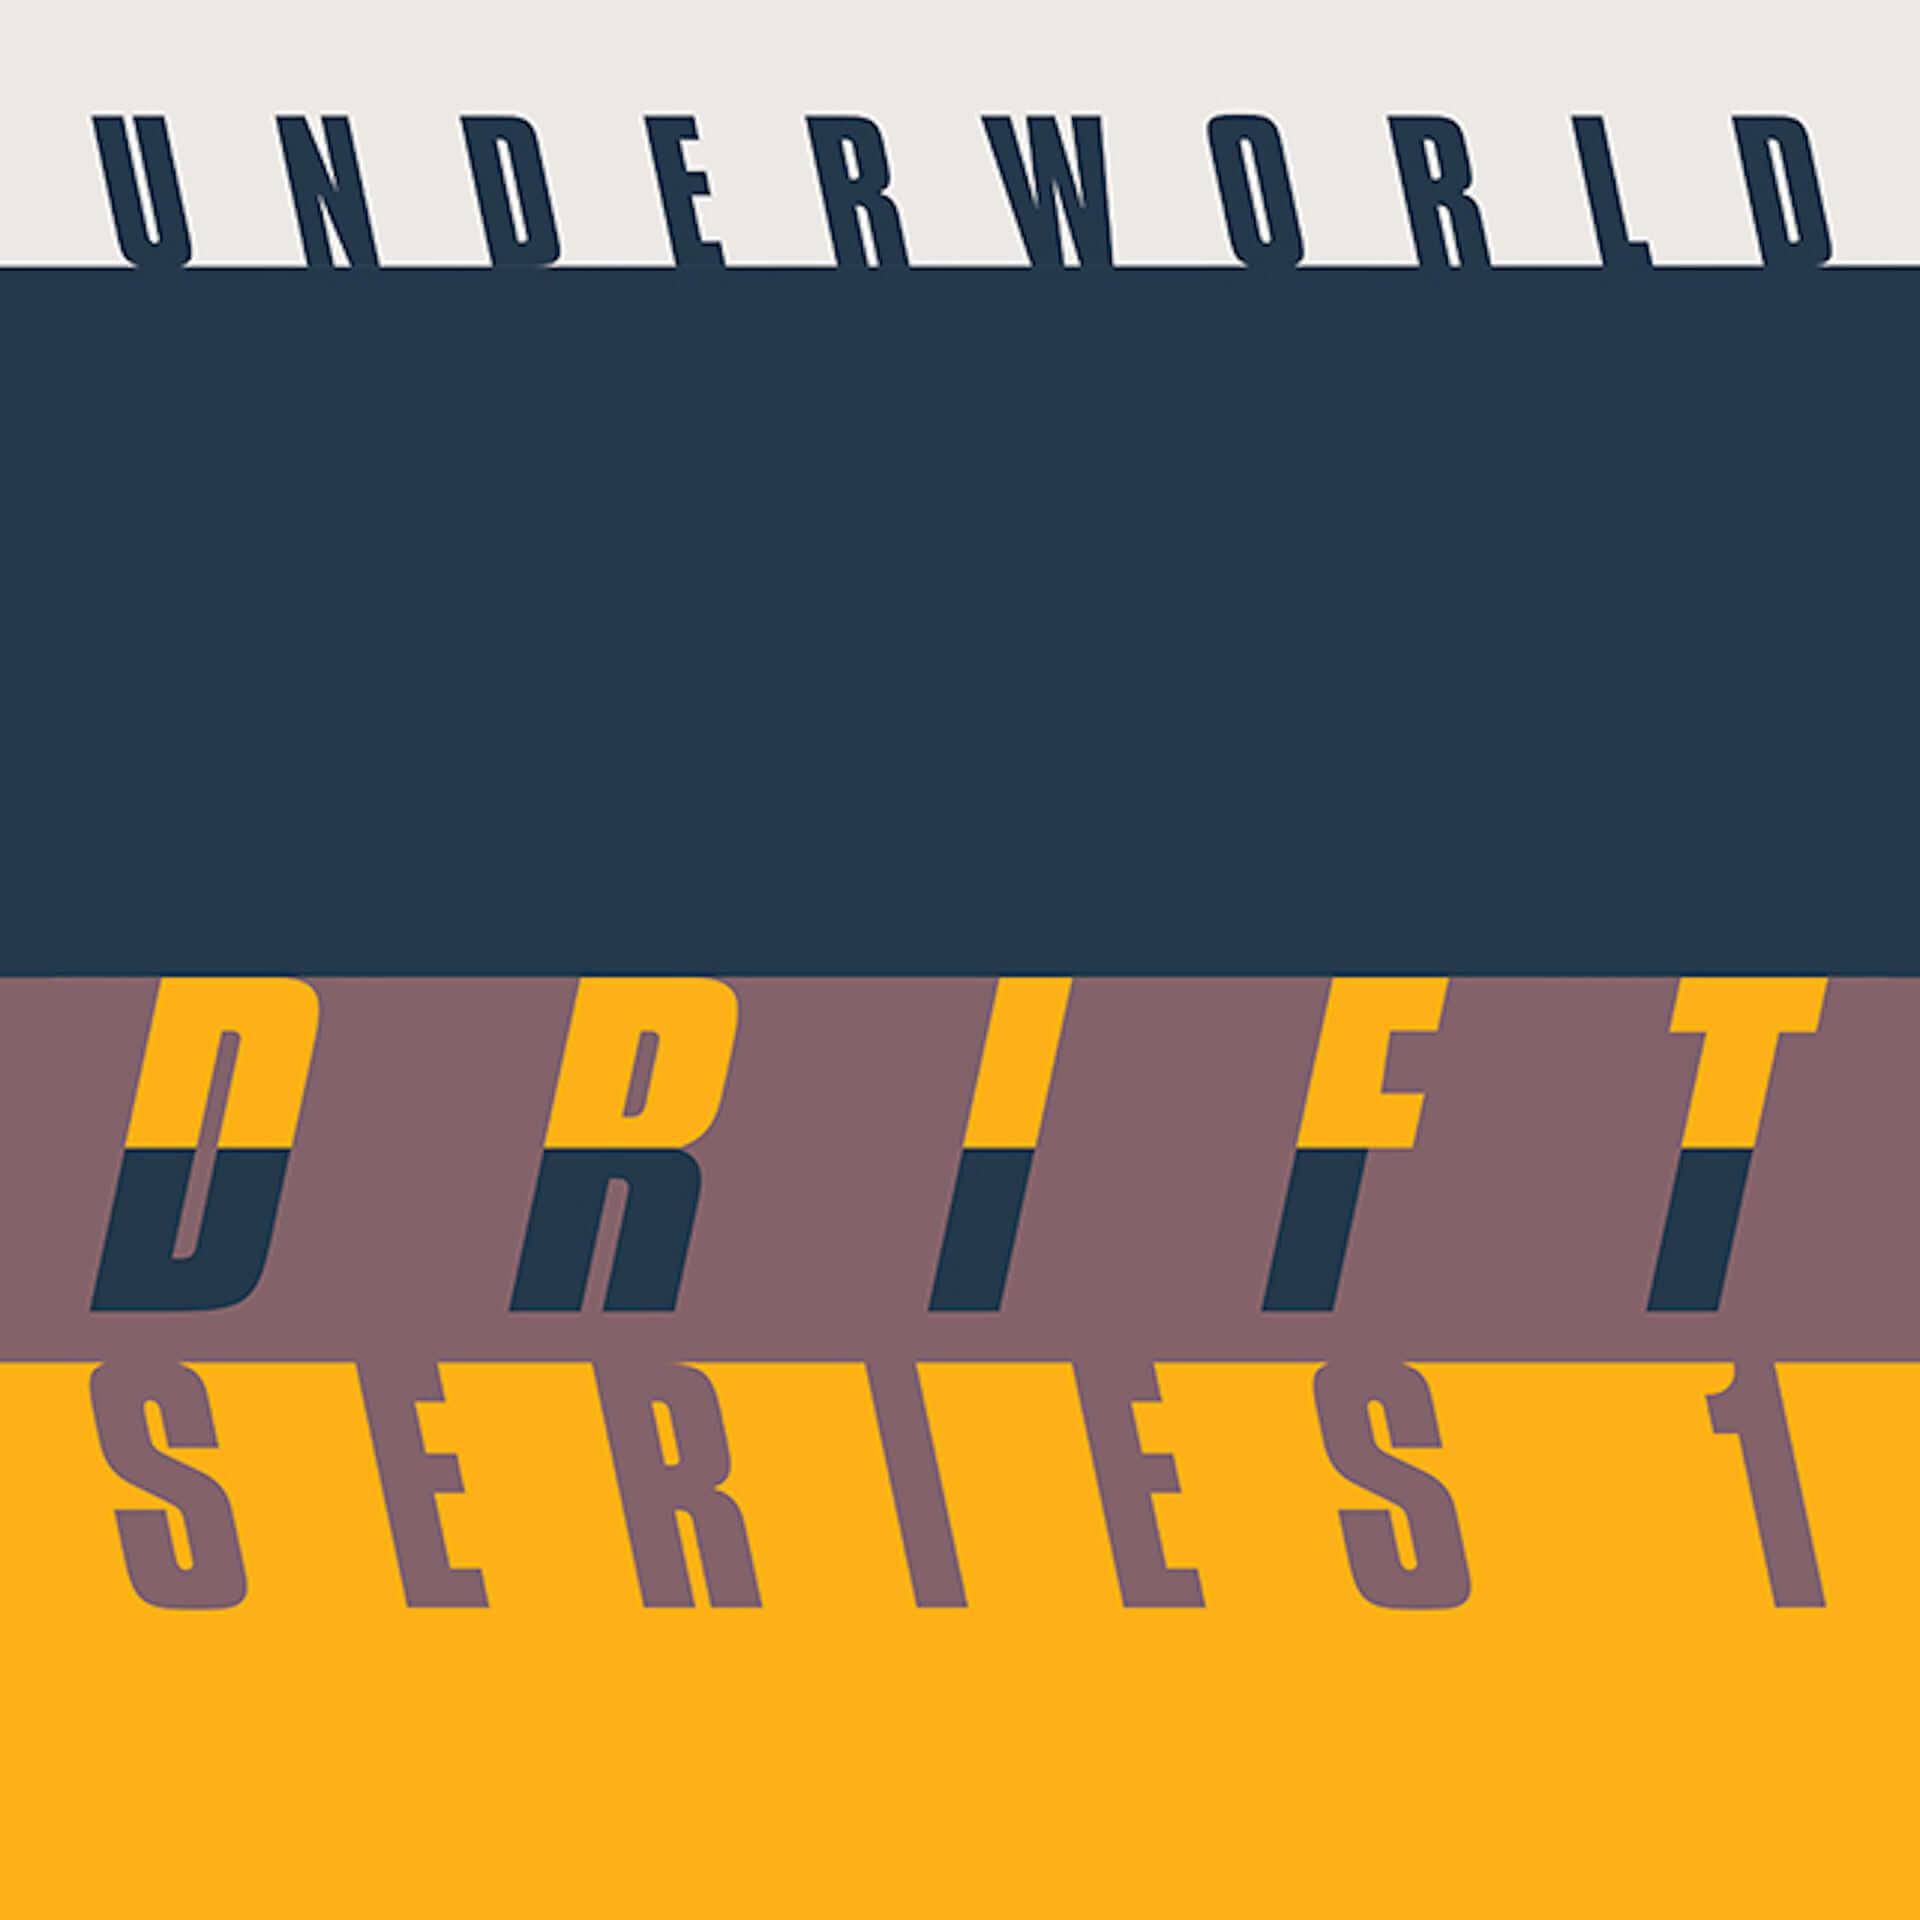 Underworldによる実験的プロジェクト「DRIFT」のコンプリート版ボックスセットがリリース!デジタル配信でも全曲解禁 music200918_underworld_4-1920x1920